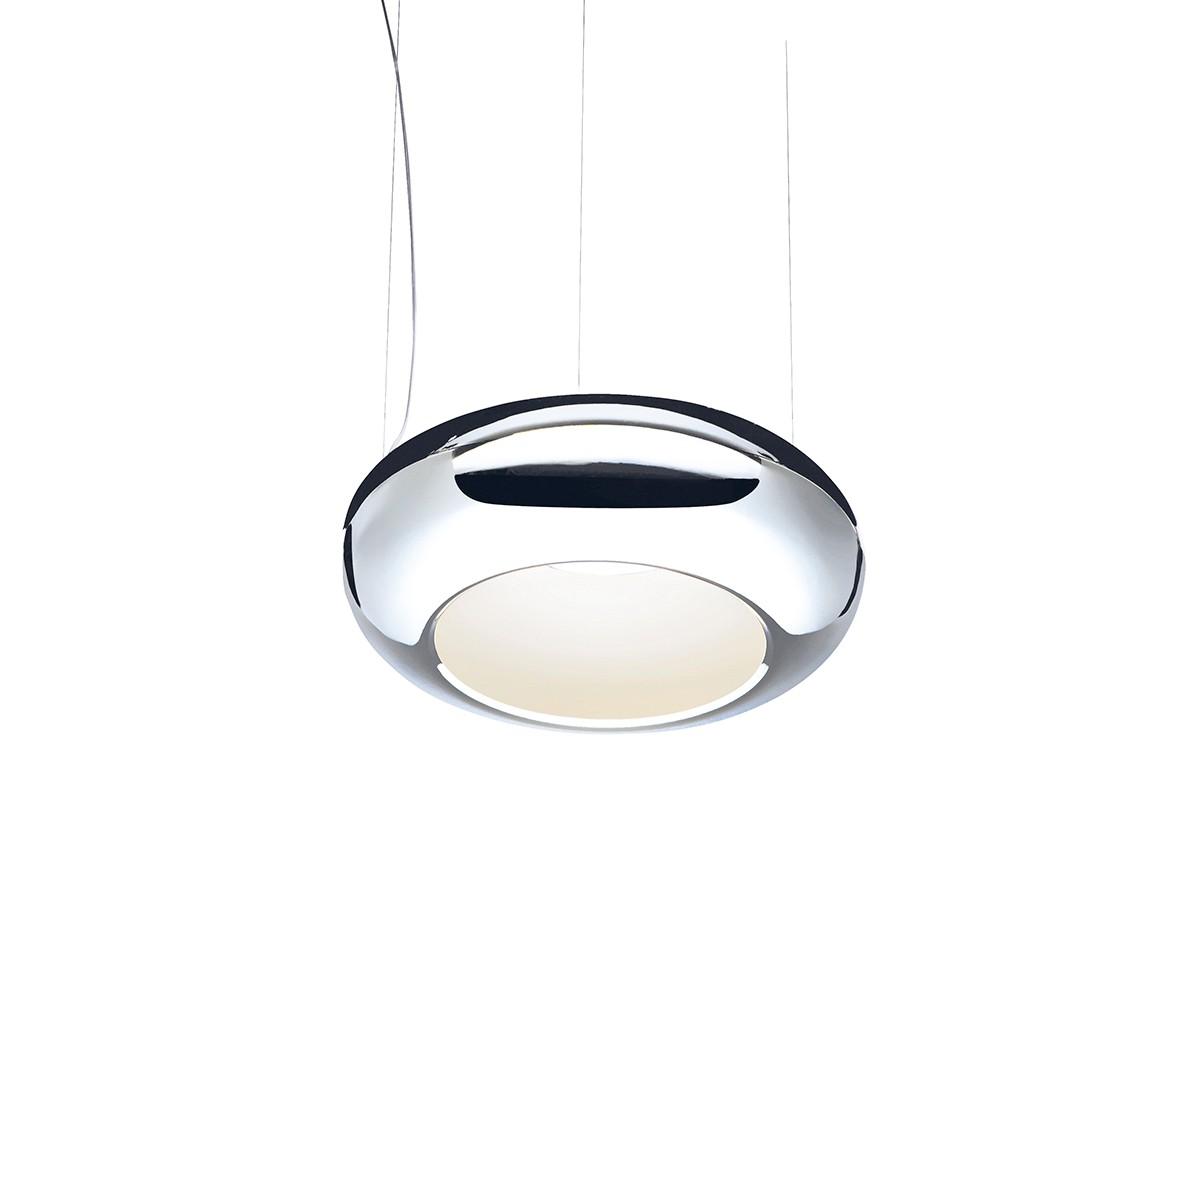 Sompex Aura 01 LED Pendelleuchte, Ø: 37 cm, Chrom